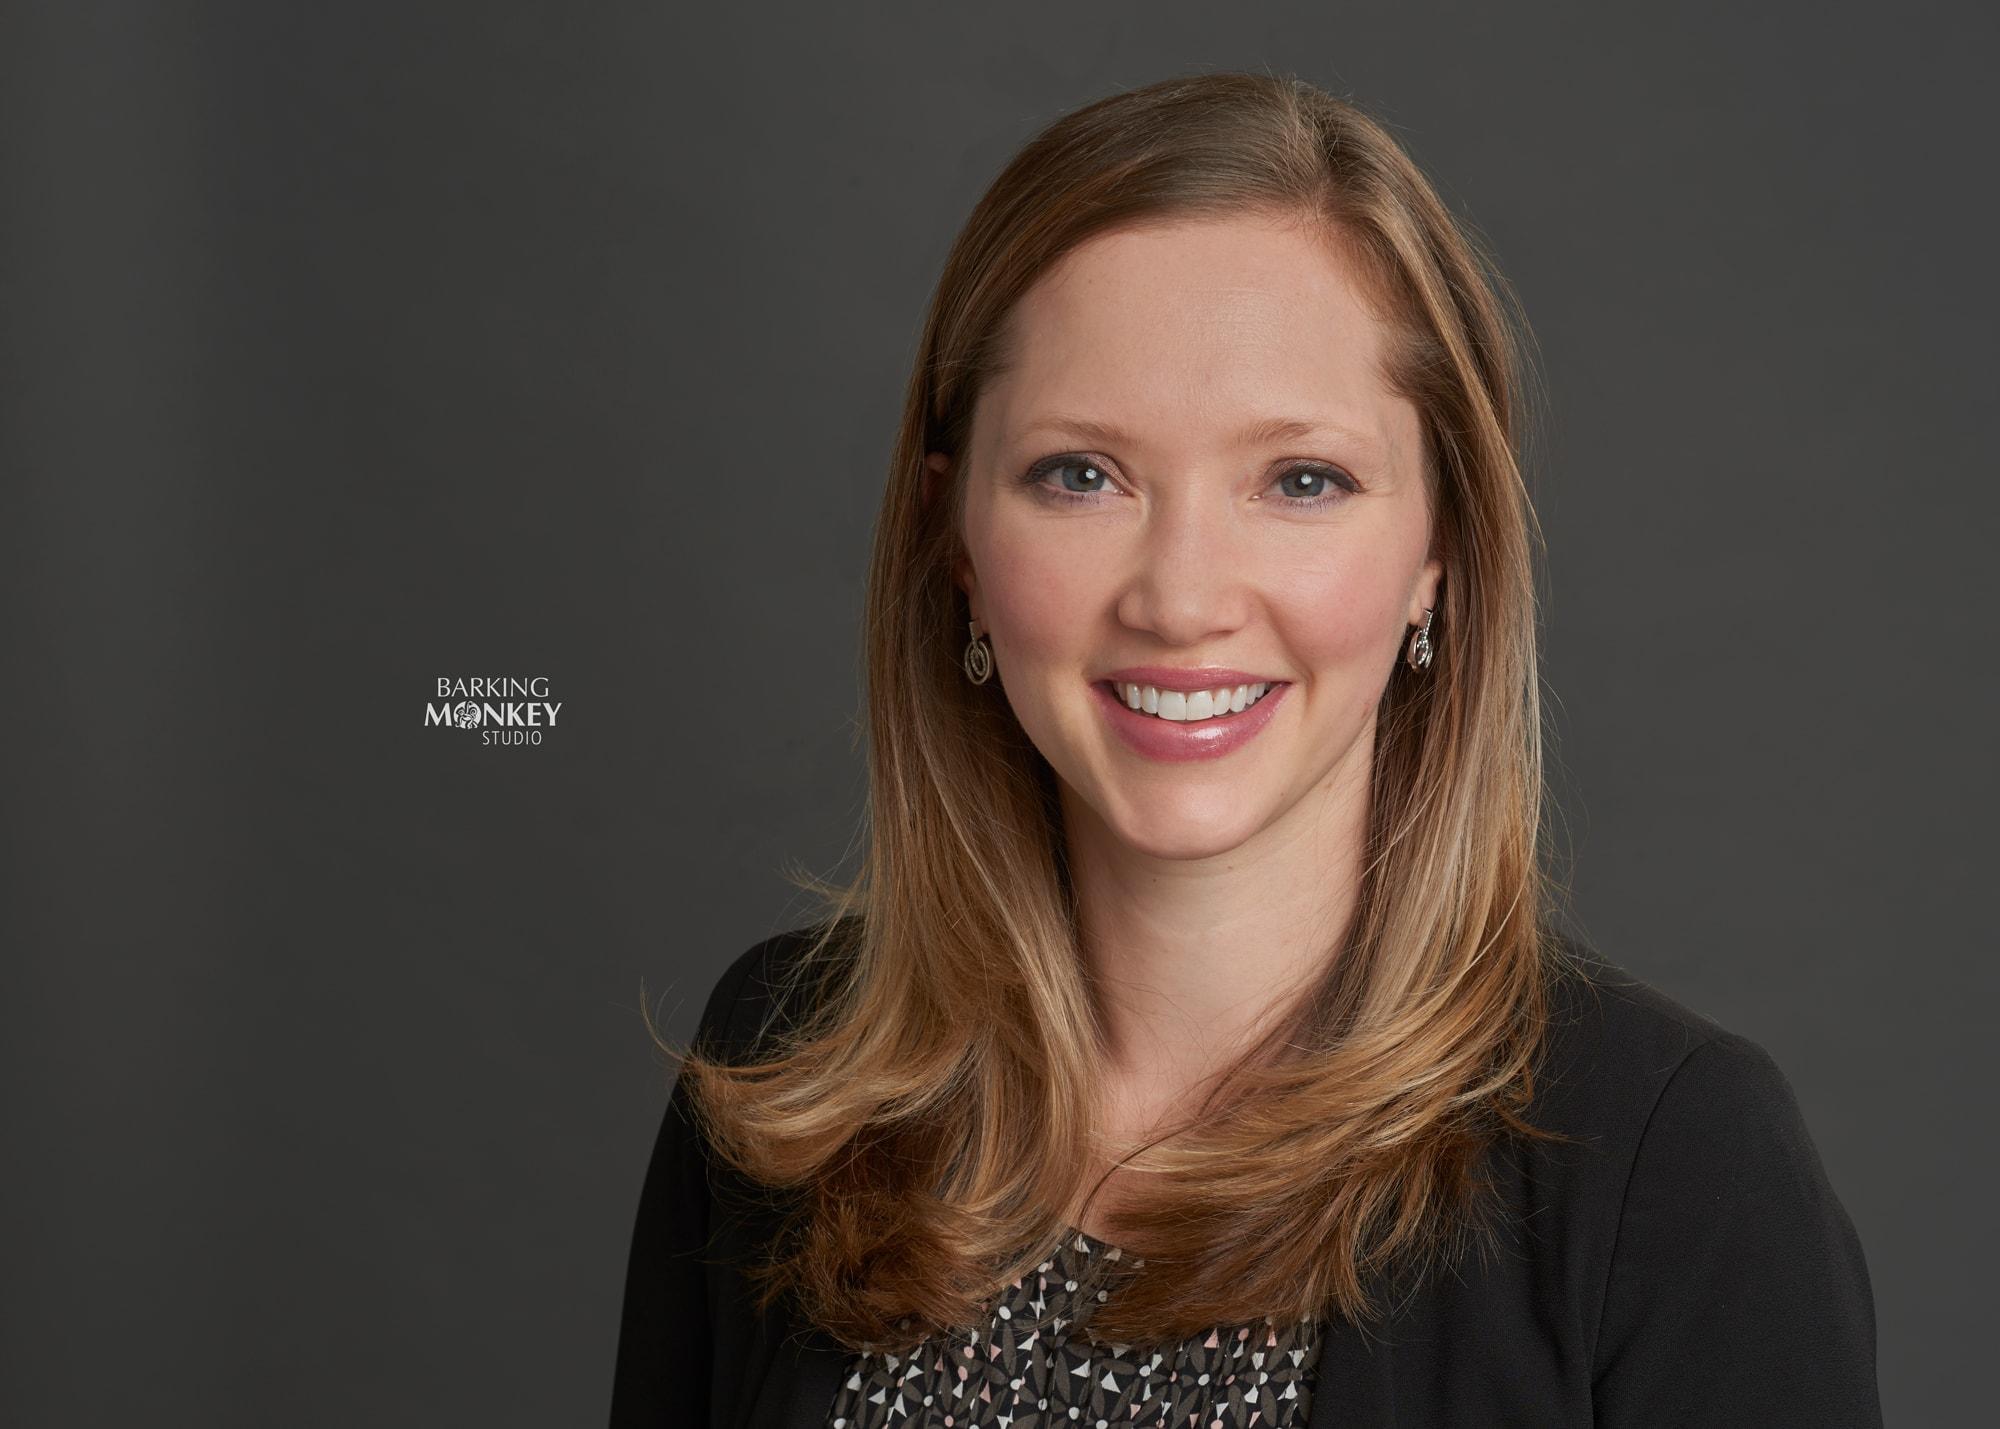 female headshot business portrtait ottawa photo studio photographer